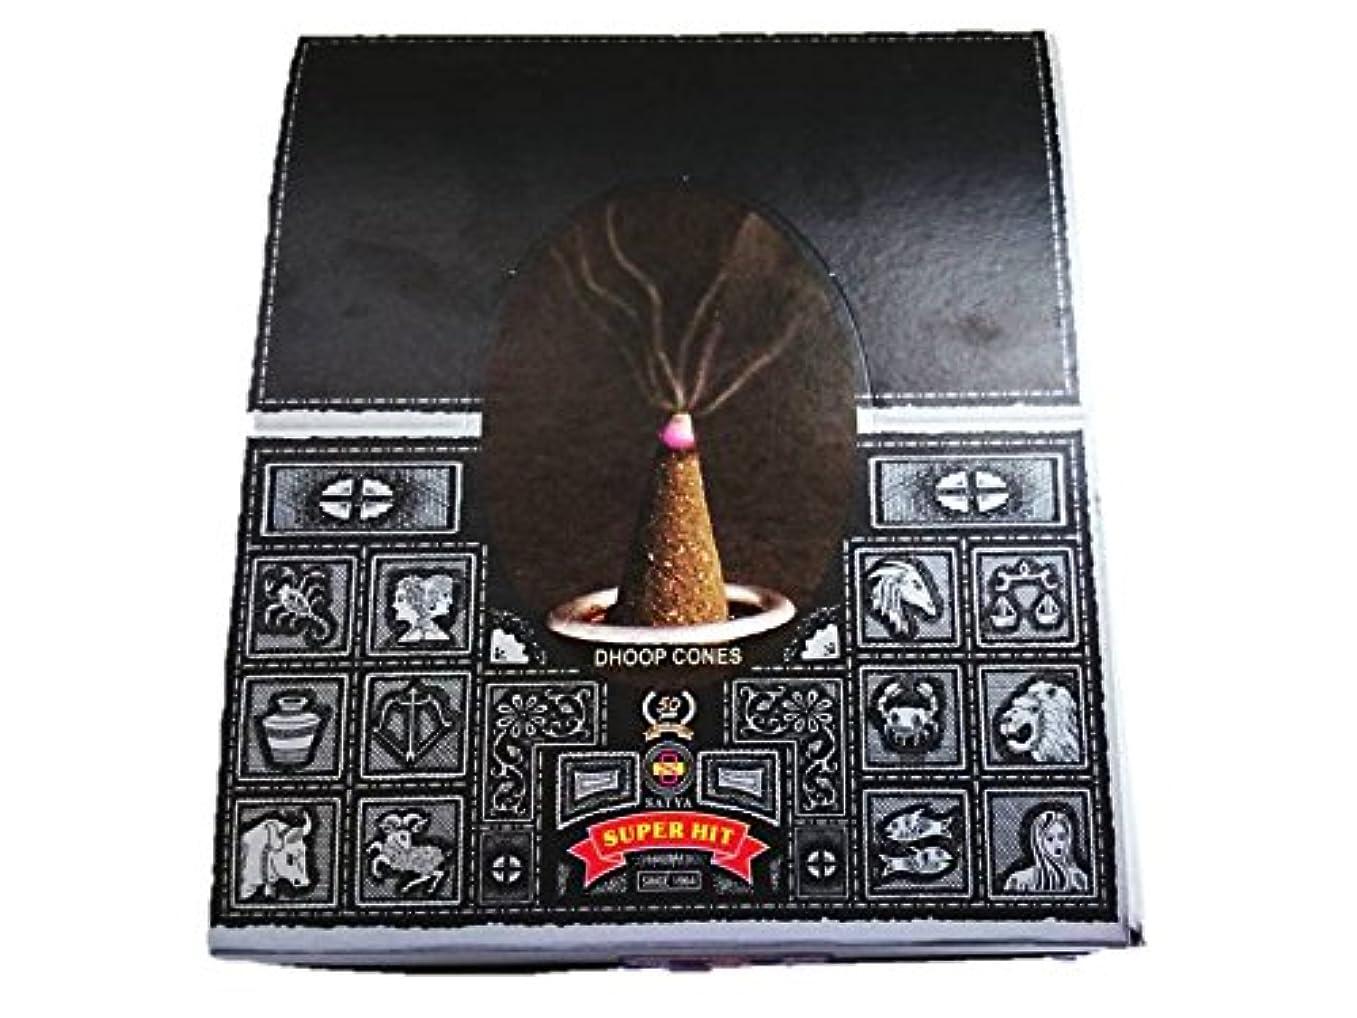 緯度マイナー富SATYA(サティヤ) スーパーヒット お香 コーンタイプ1ケース (12箱入り)